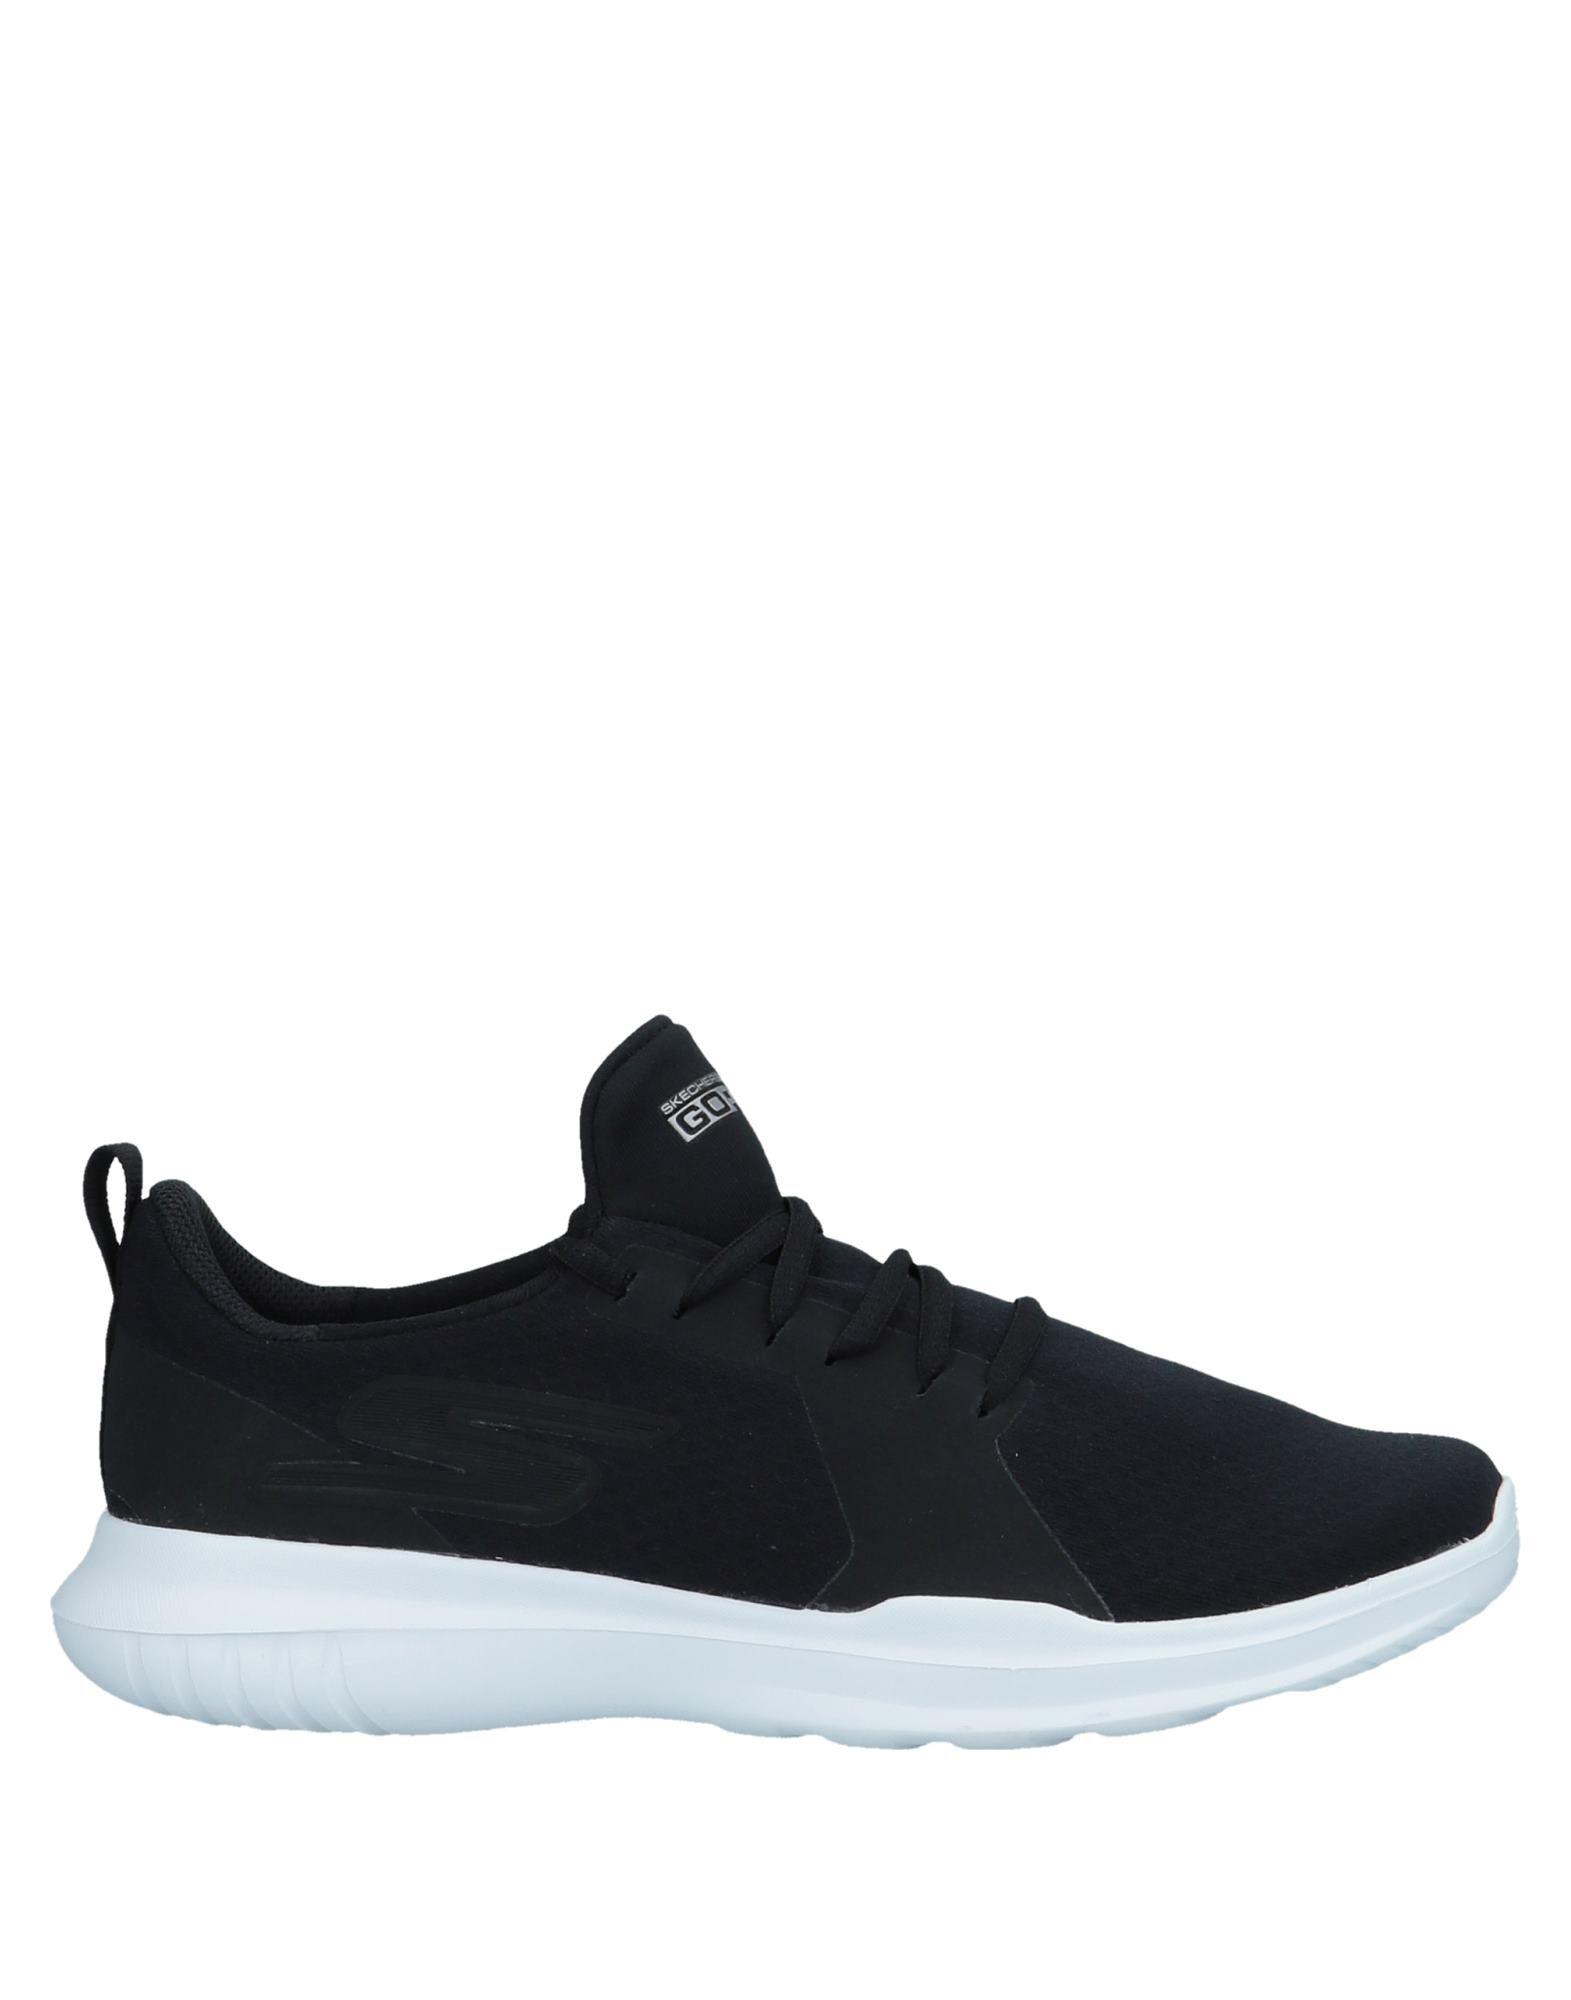 Sneakers Scarpe Skechers Donna - 11554973XB Scarpe Sneakers comode e distintive 392fa5